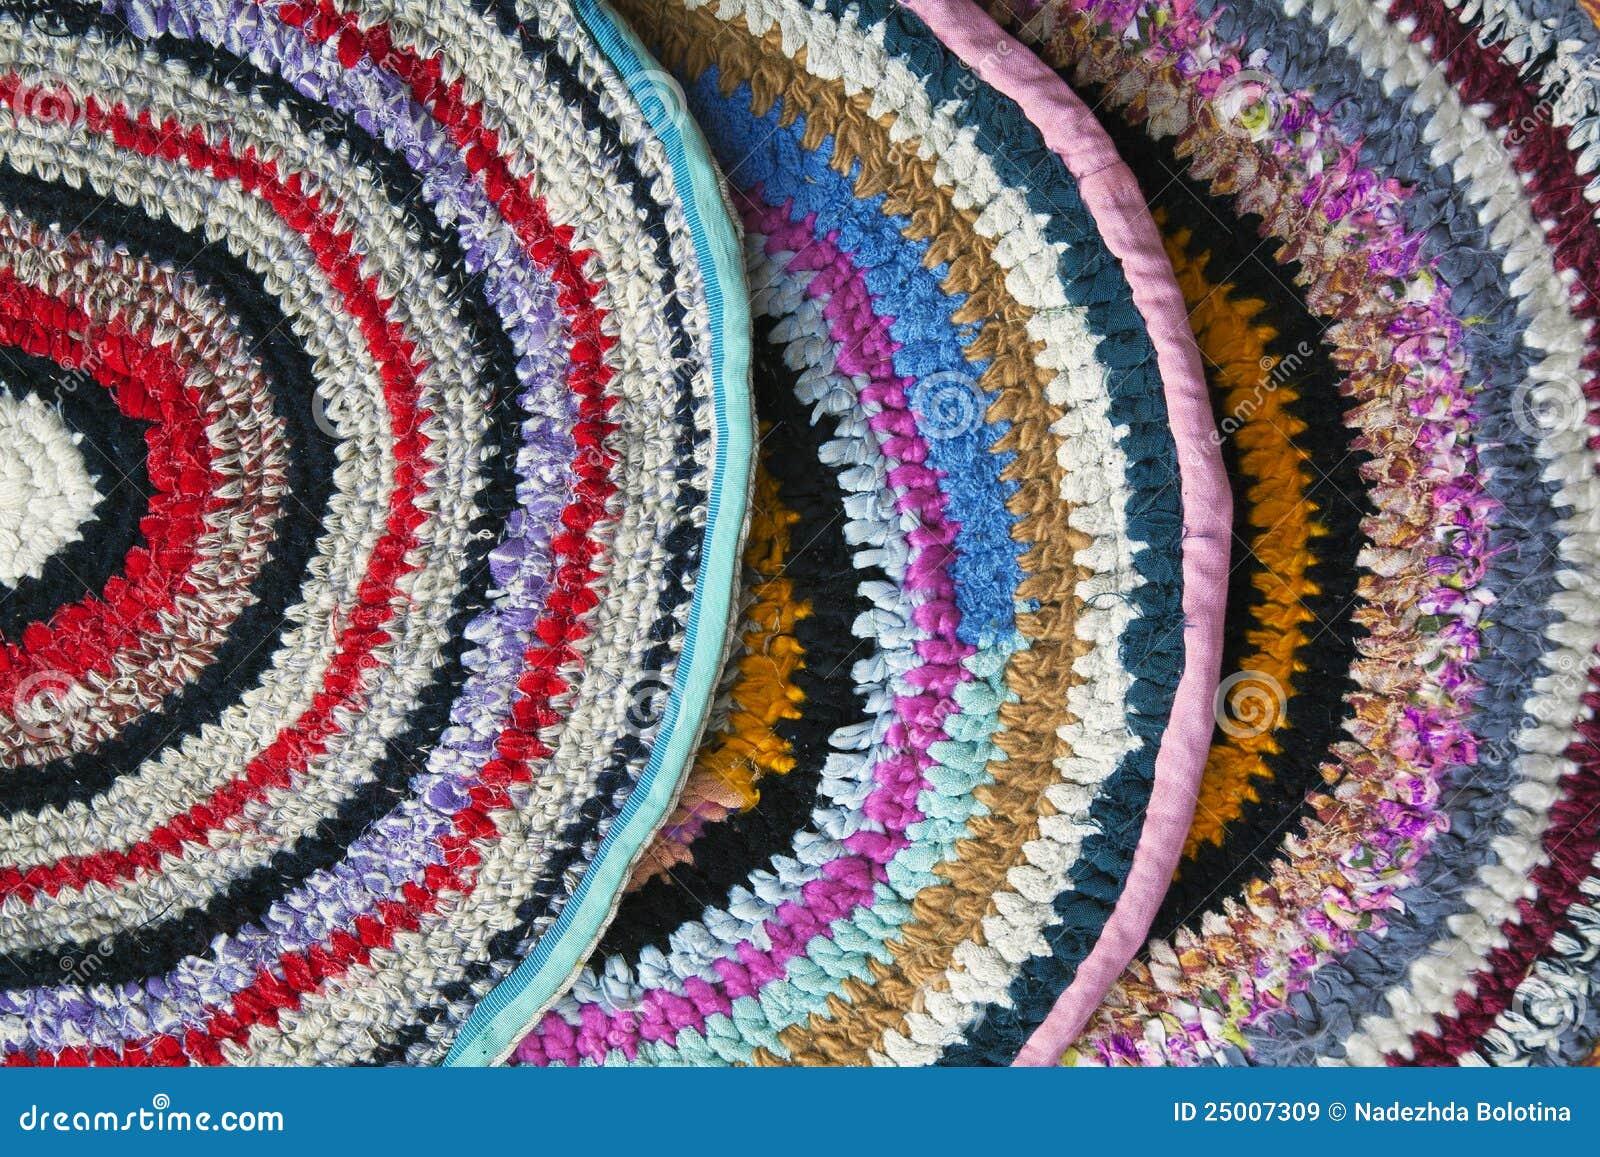 Mantas hechas a mano im genes de archivo libres de for Mantas de lana hechas a mano